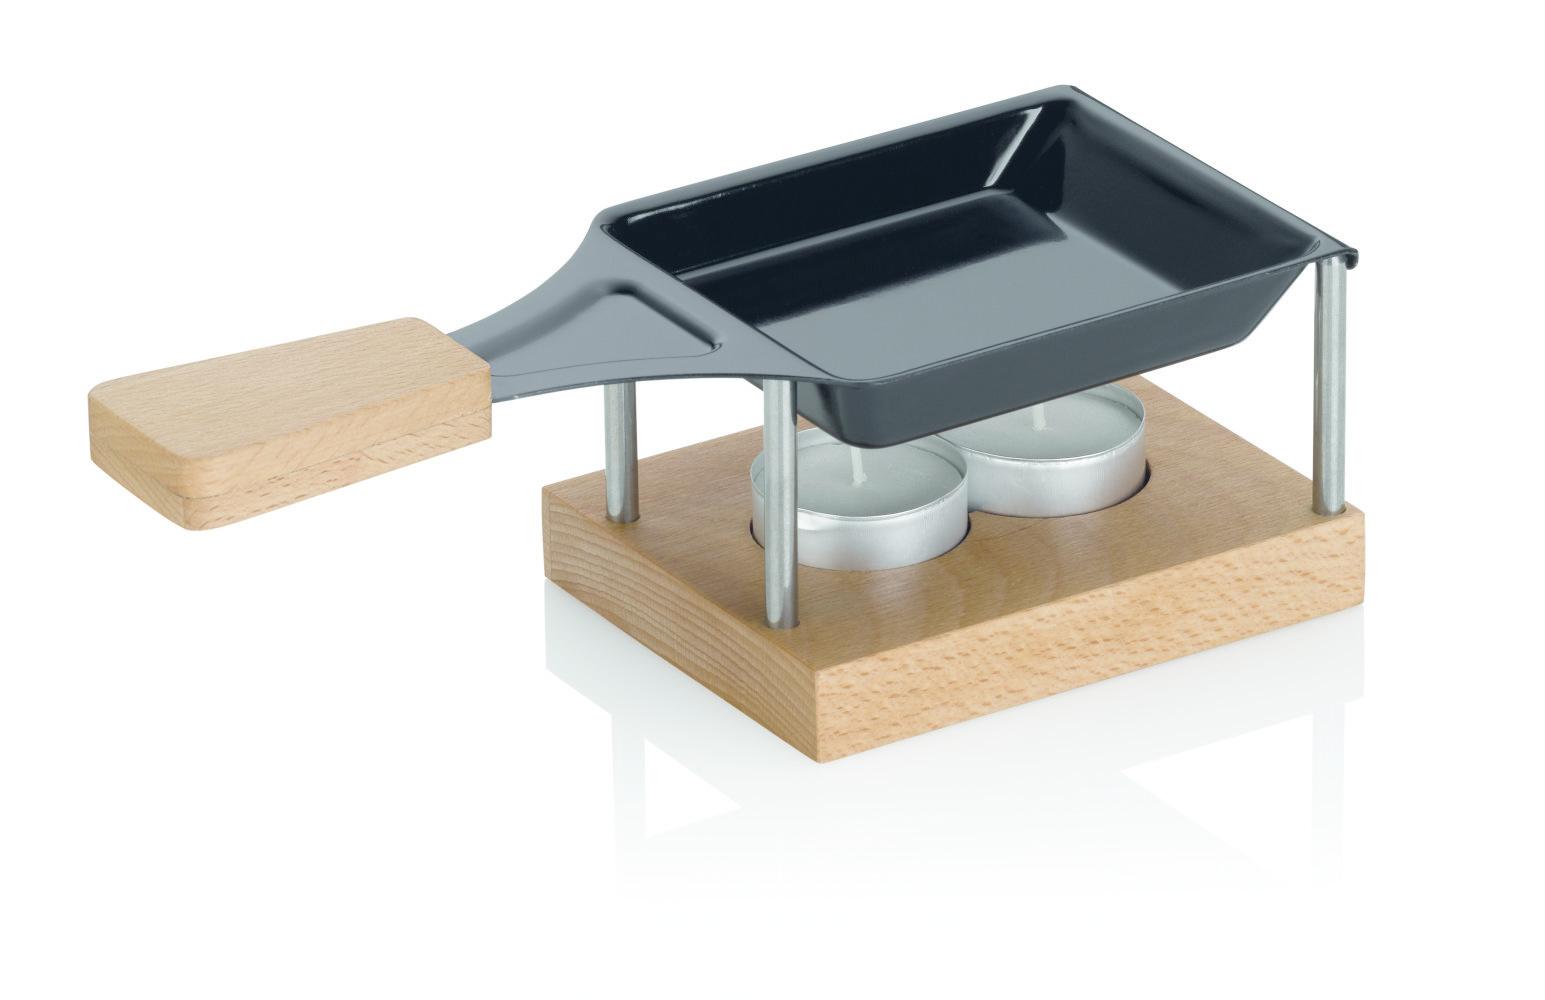 Kela Keuken Solo Gourmet Pan Mini